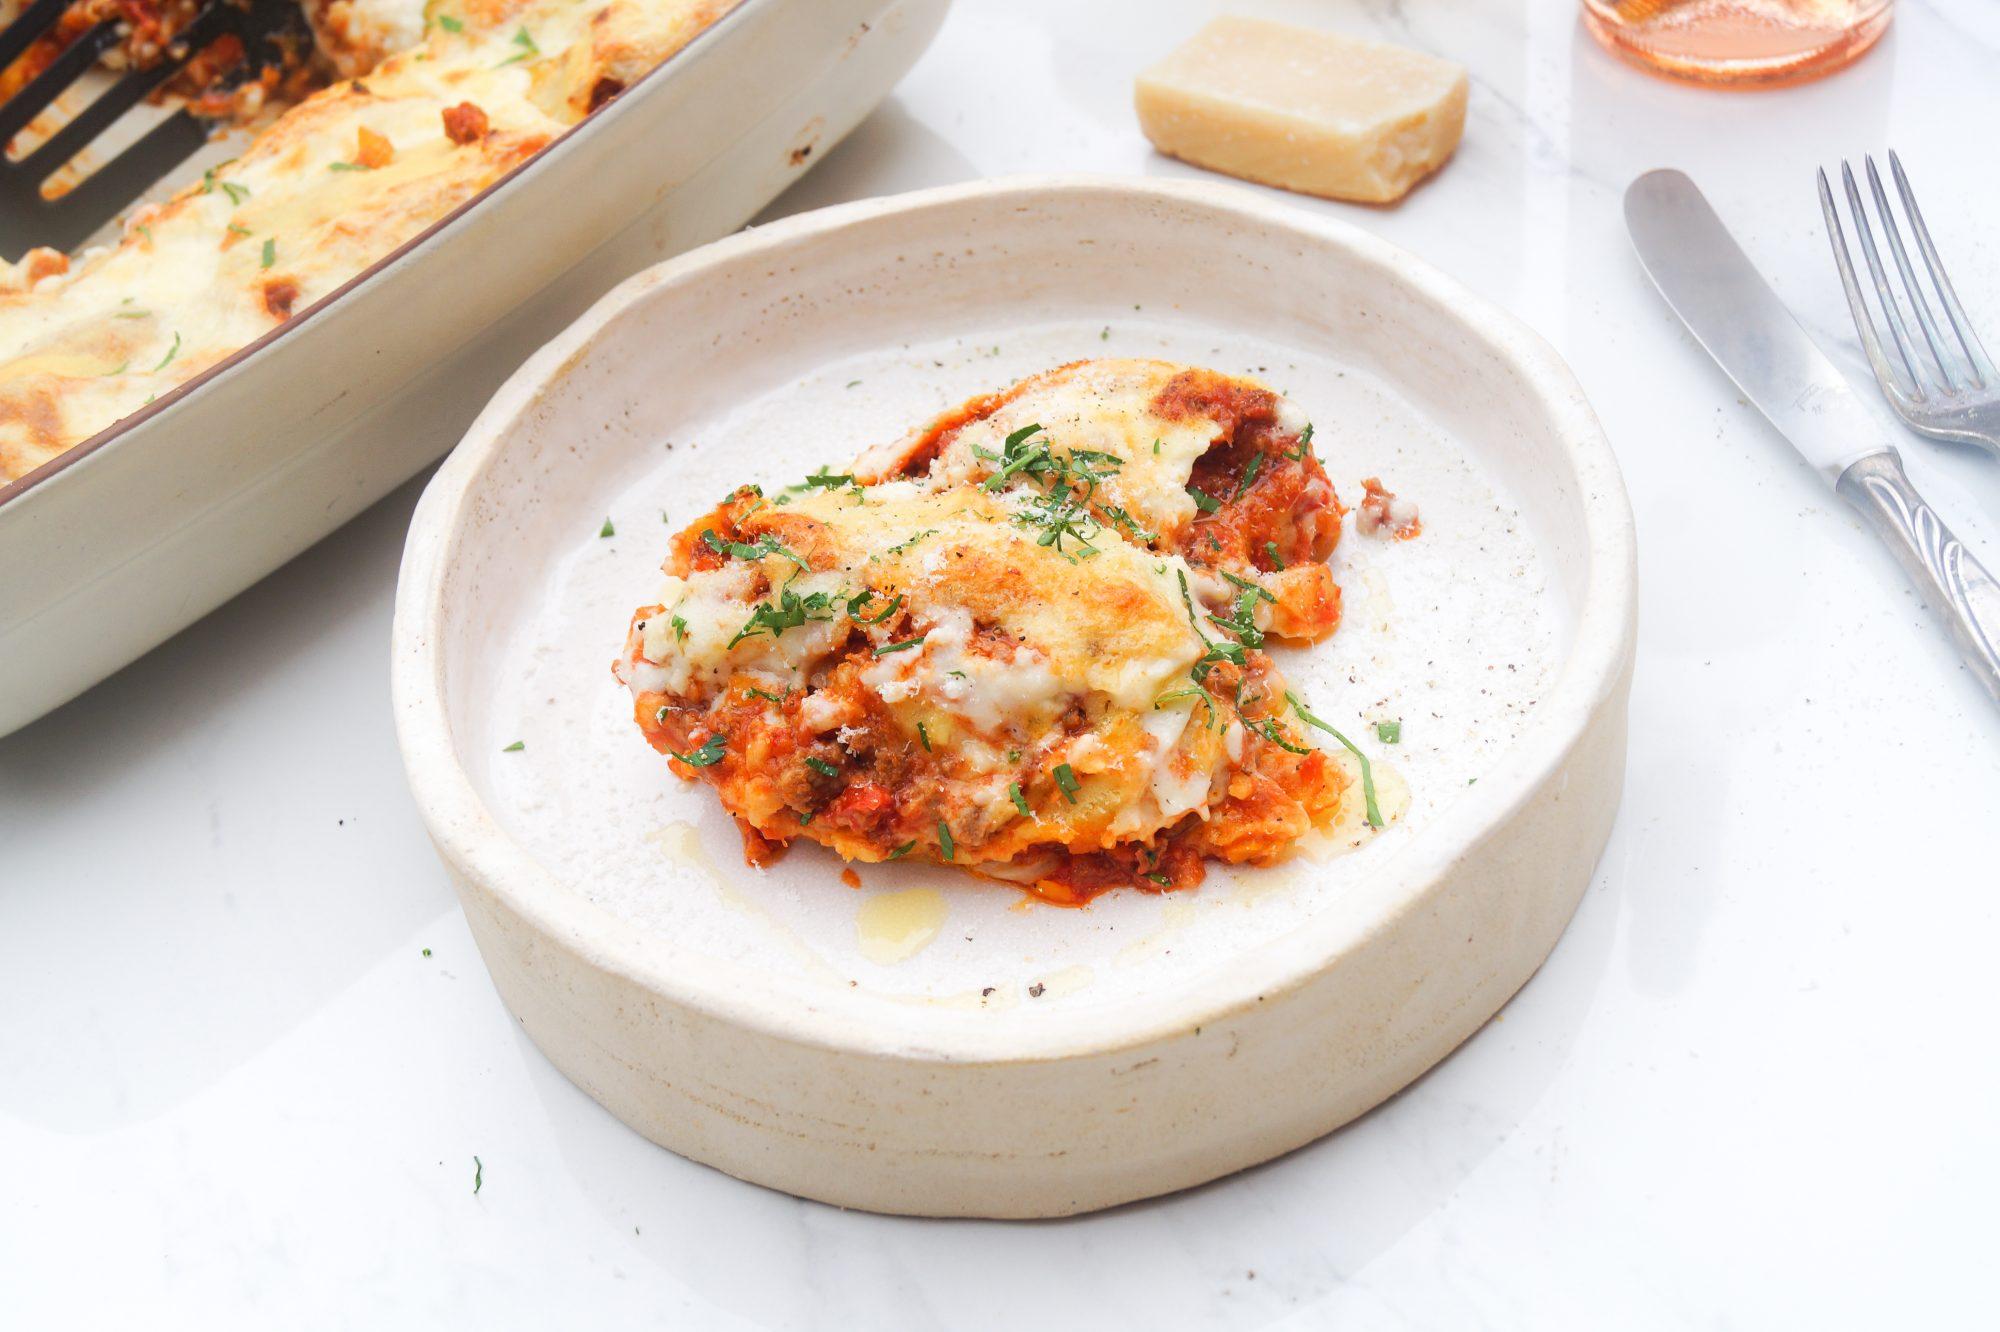 Rotolo di Pasta al ragu - Lasagne Strudel